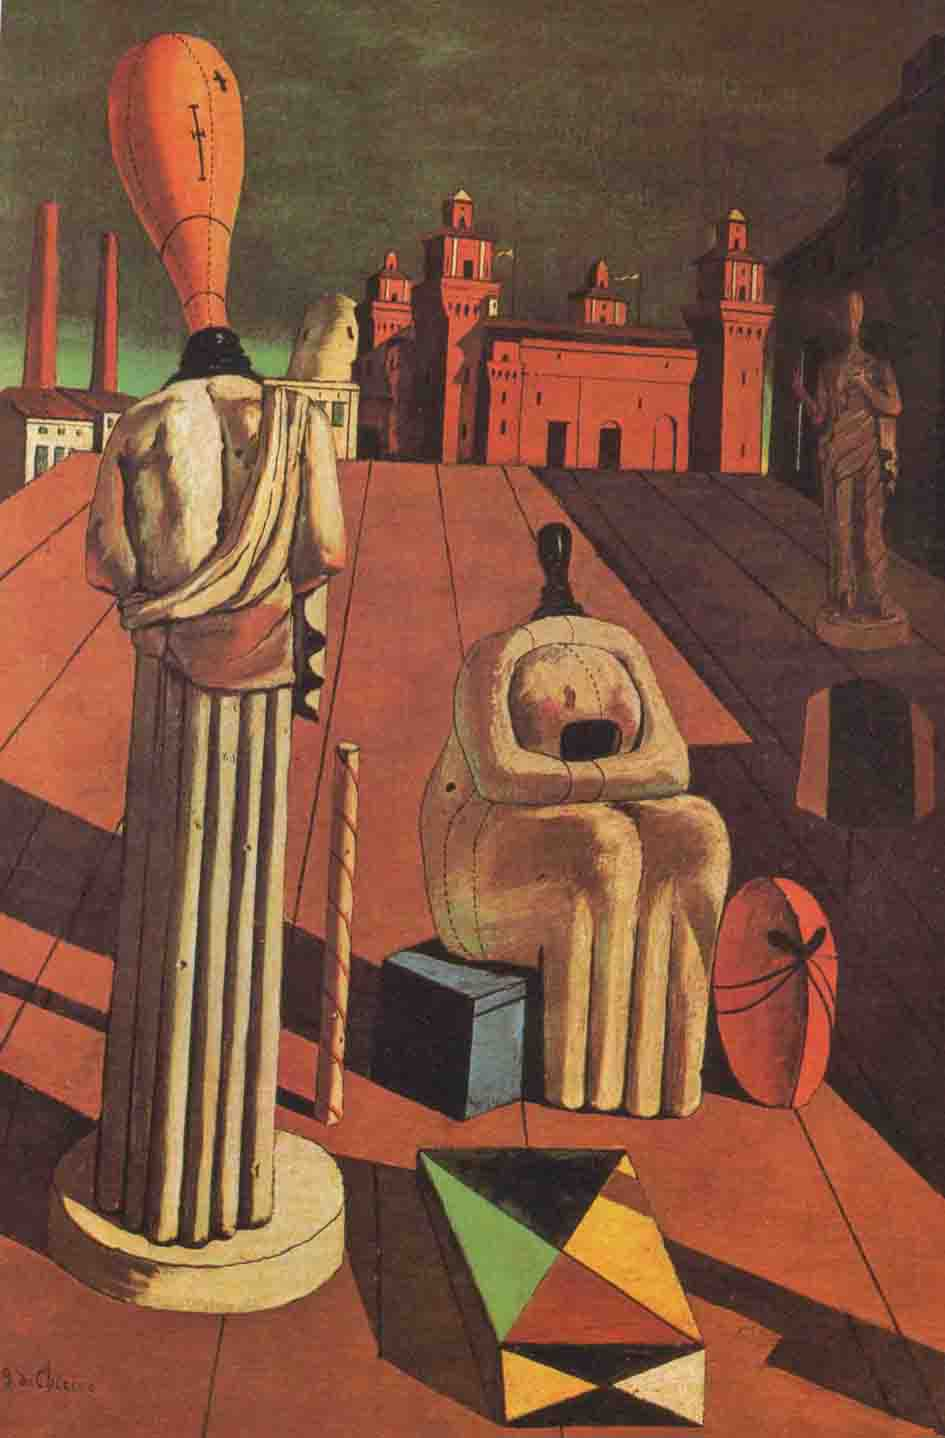 Artesplorando: Giorgio de Chirico, un pittore metafisico